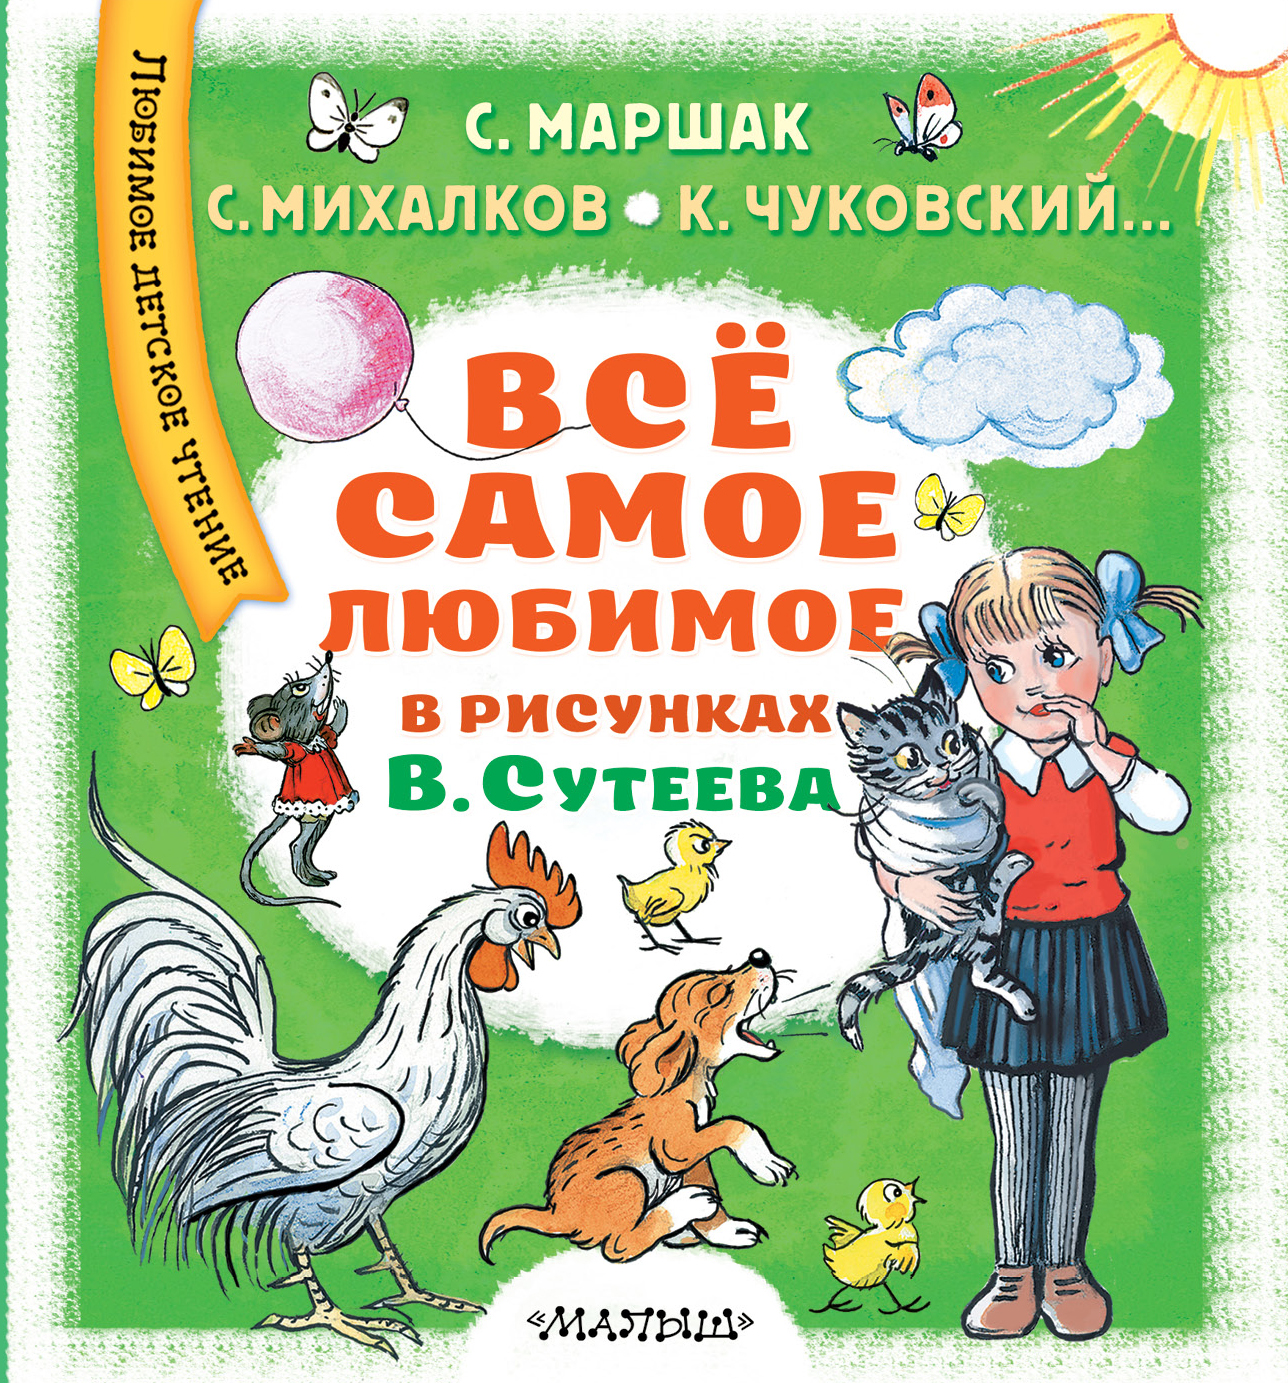 цена на Сутеев Владимир Григорьевич Всё самое любимое в рисунках В. Сутеева